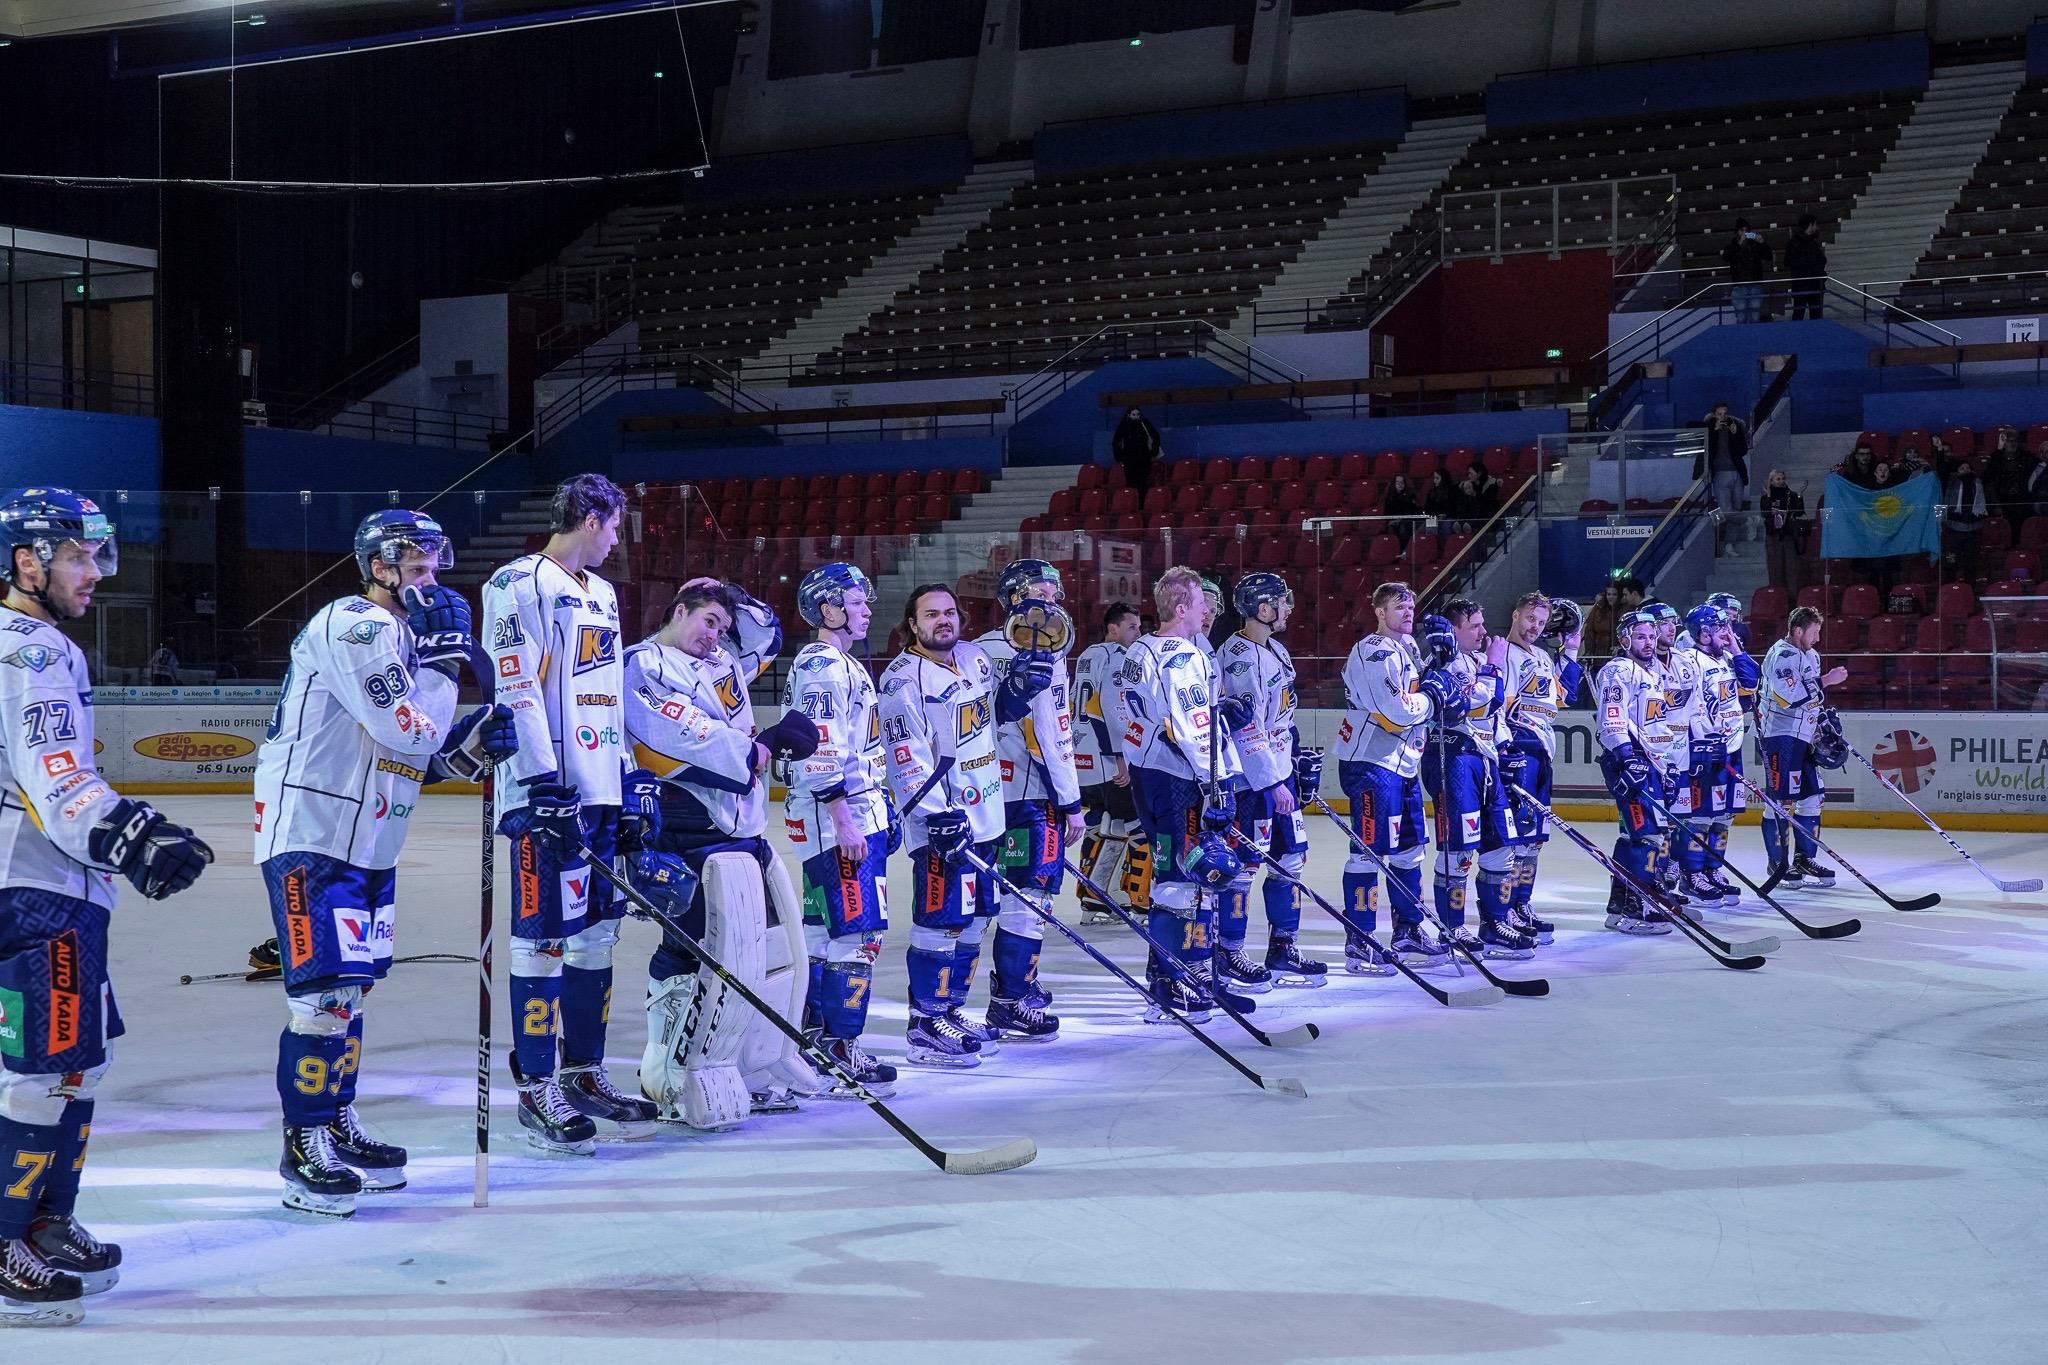 Latvijas simtajā dzimšanas dienā turnīru noslēdzam ar skaistu uzvaru pār Lionu!